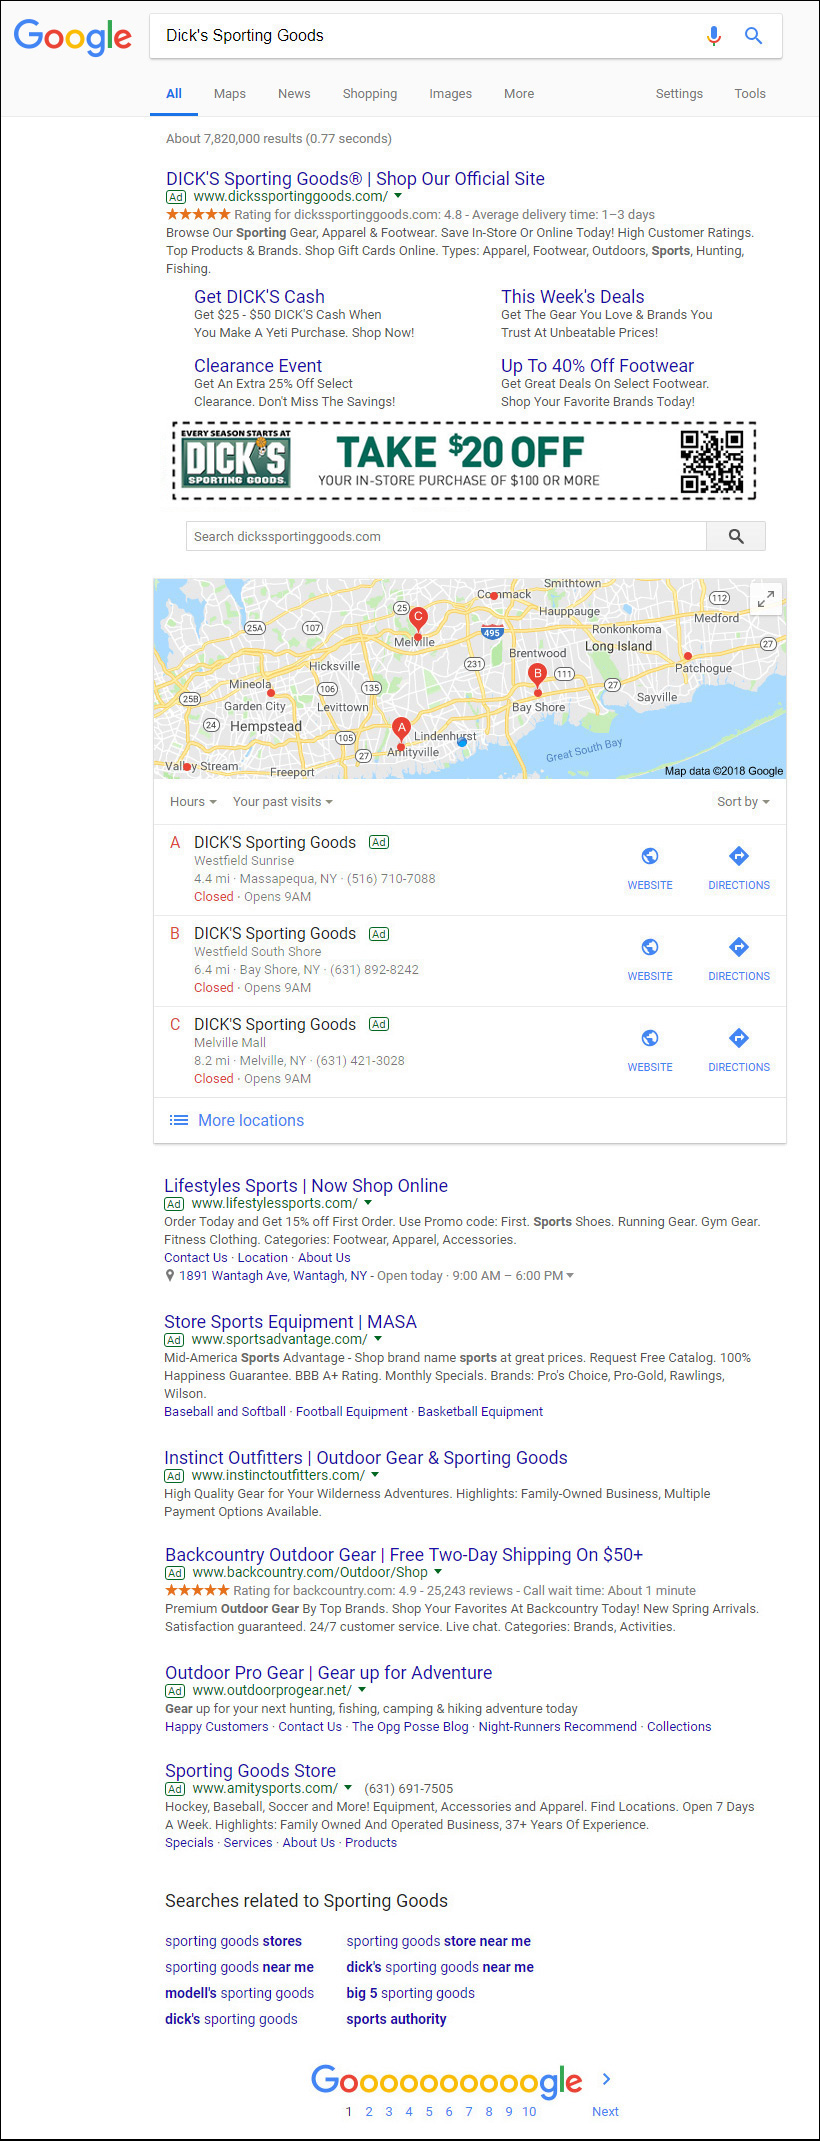 Speculative Future Search Result